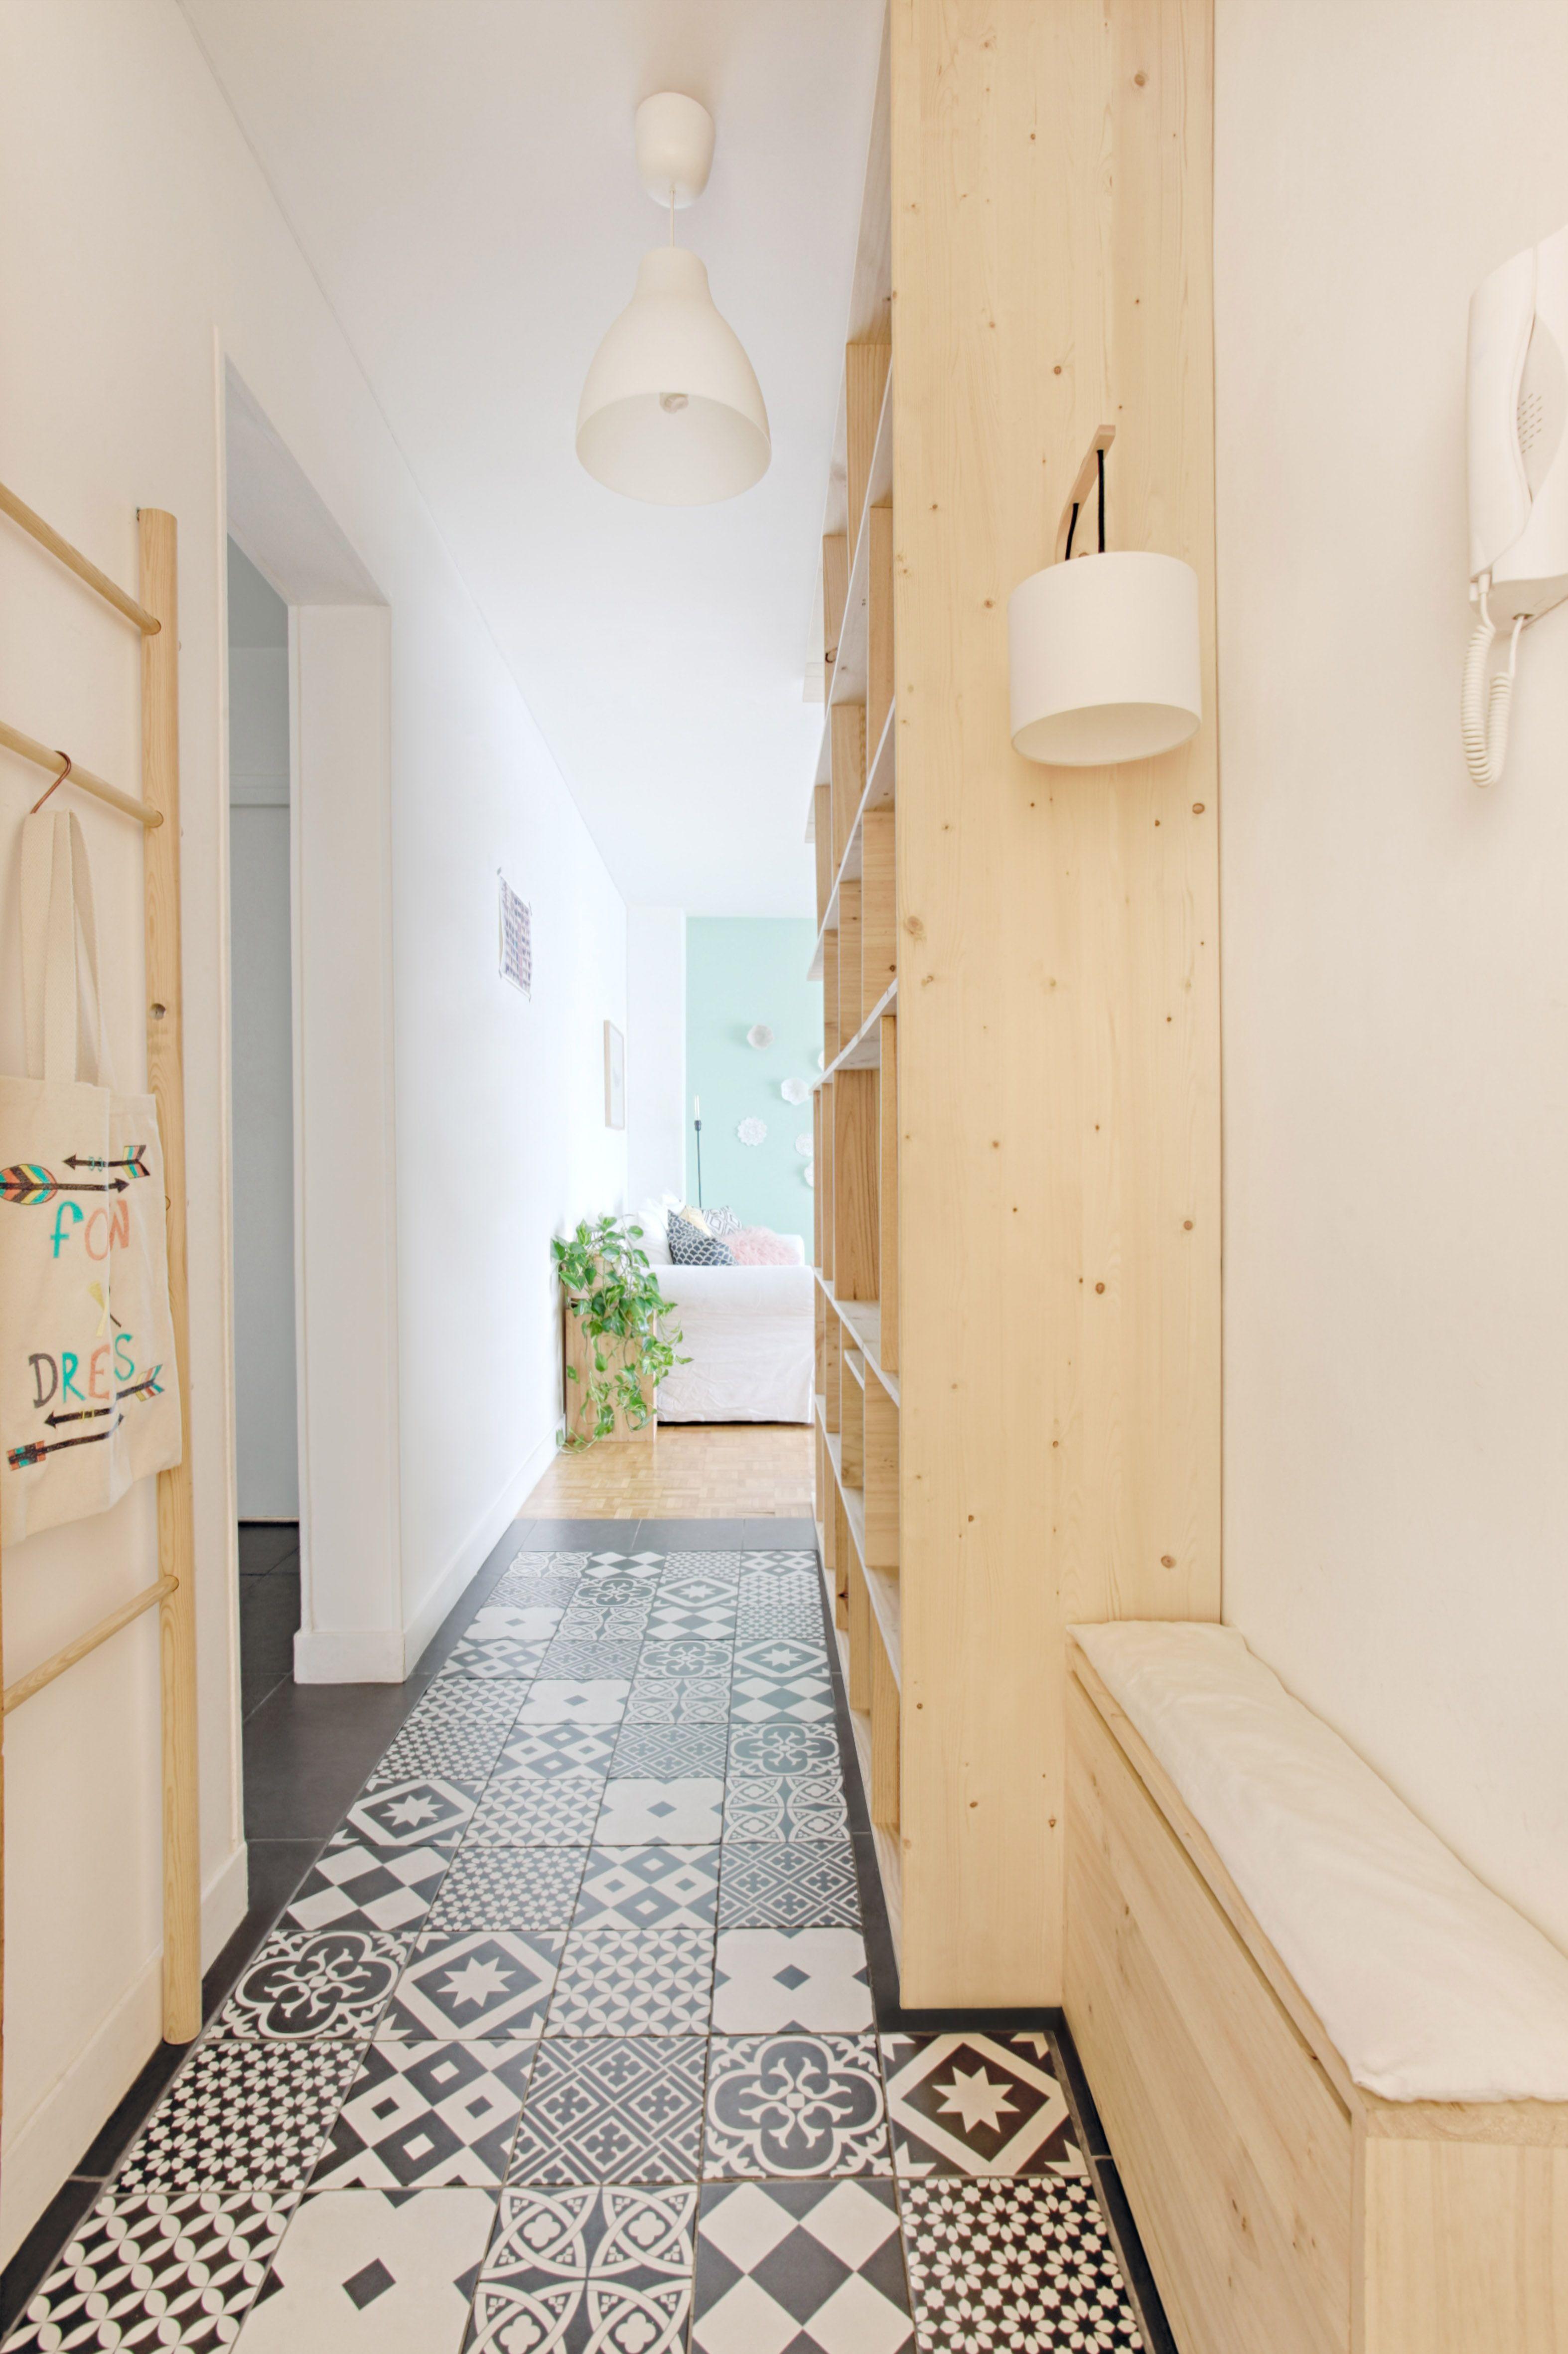 virginie rencontre un archi d couvrez toutes les. Black Bedroom Furniture Sets. Home Design Ideas